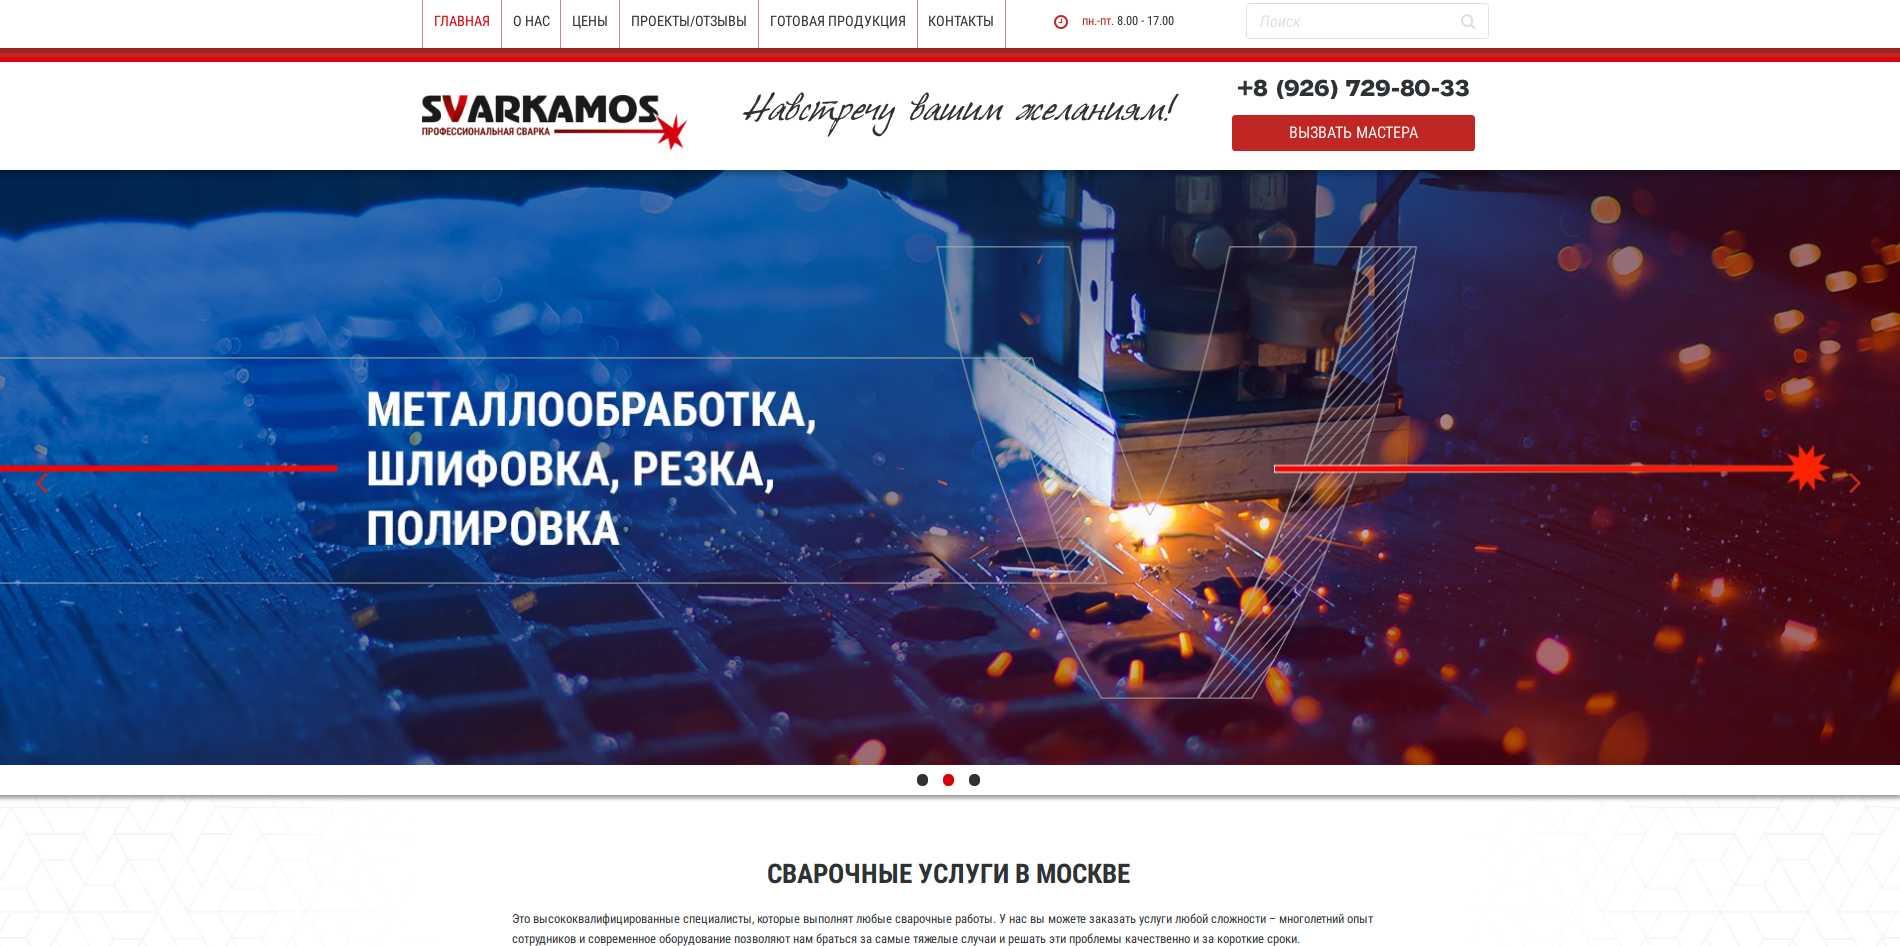 Разработка сайта для компании СваркаМос (профессиональная сварка)